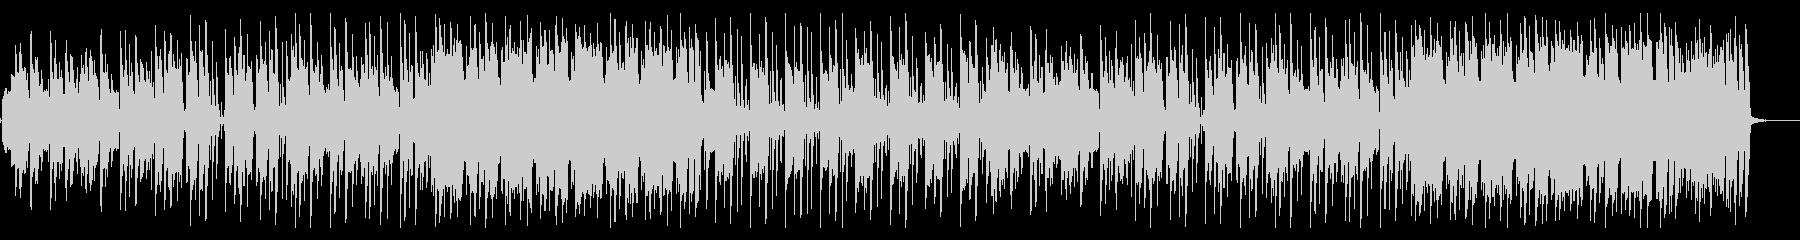 トイ楽器によるほのぼのロックの未再生の波形